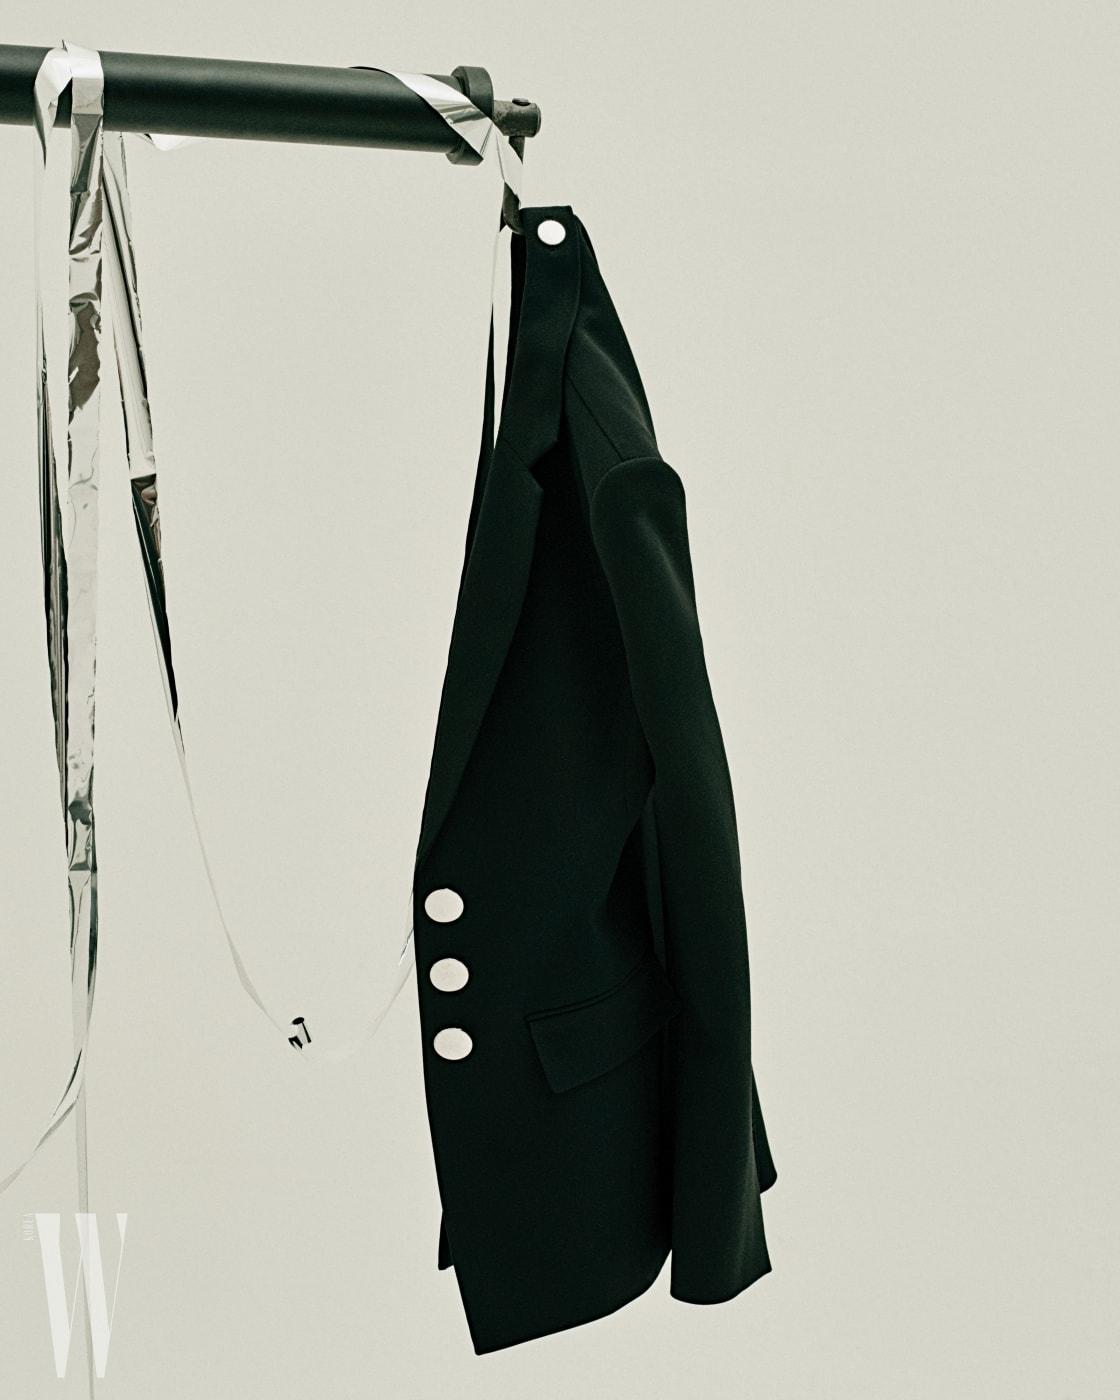 버튼 장식 재킷은 알렉산더 왕 제품. 1백79만원.